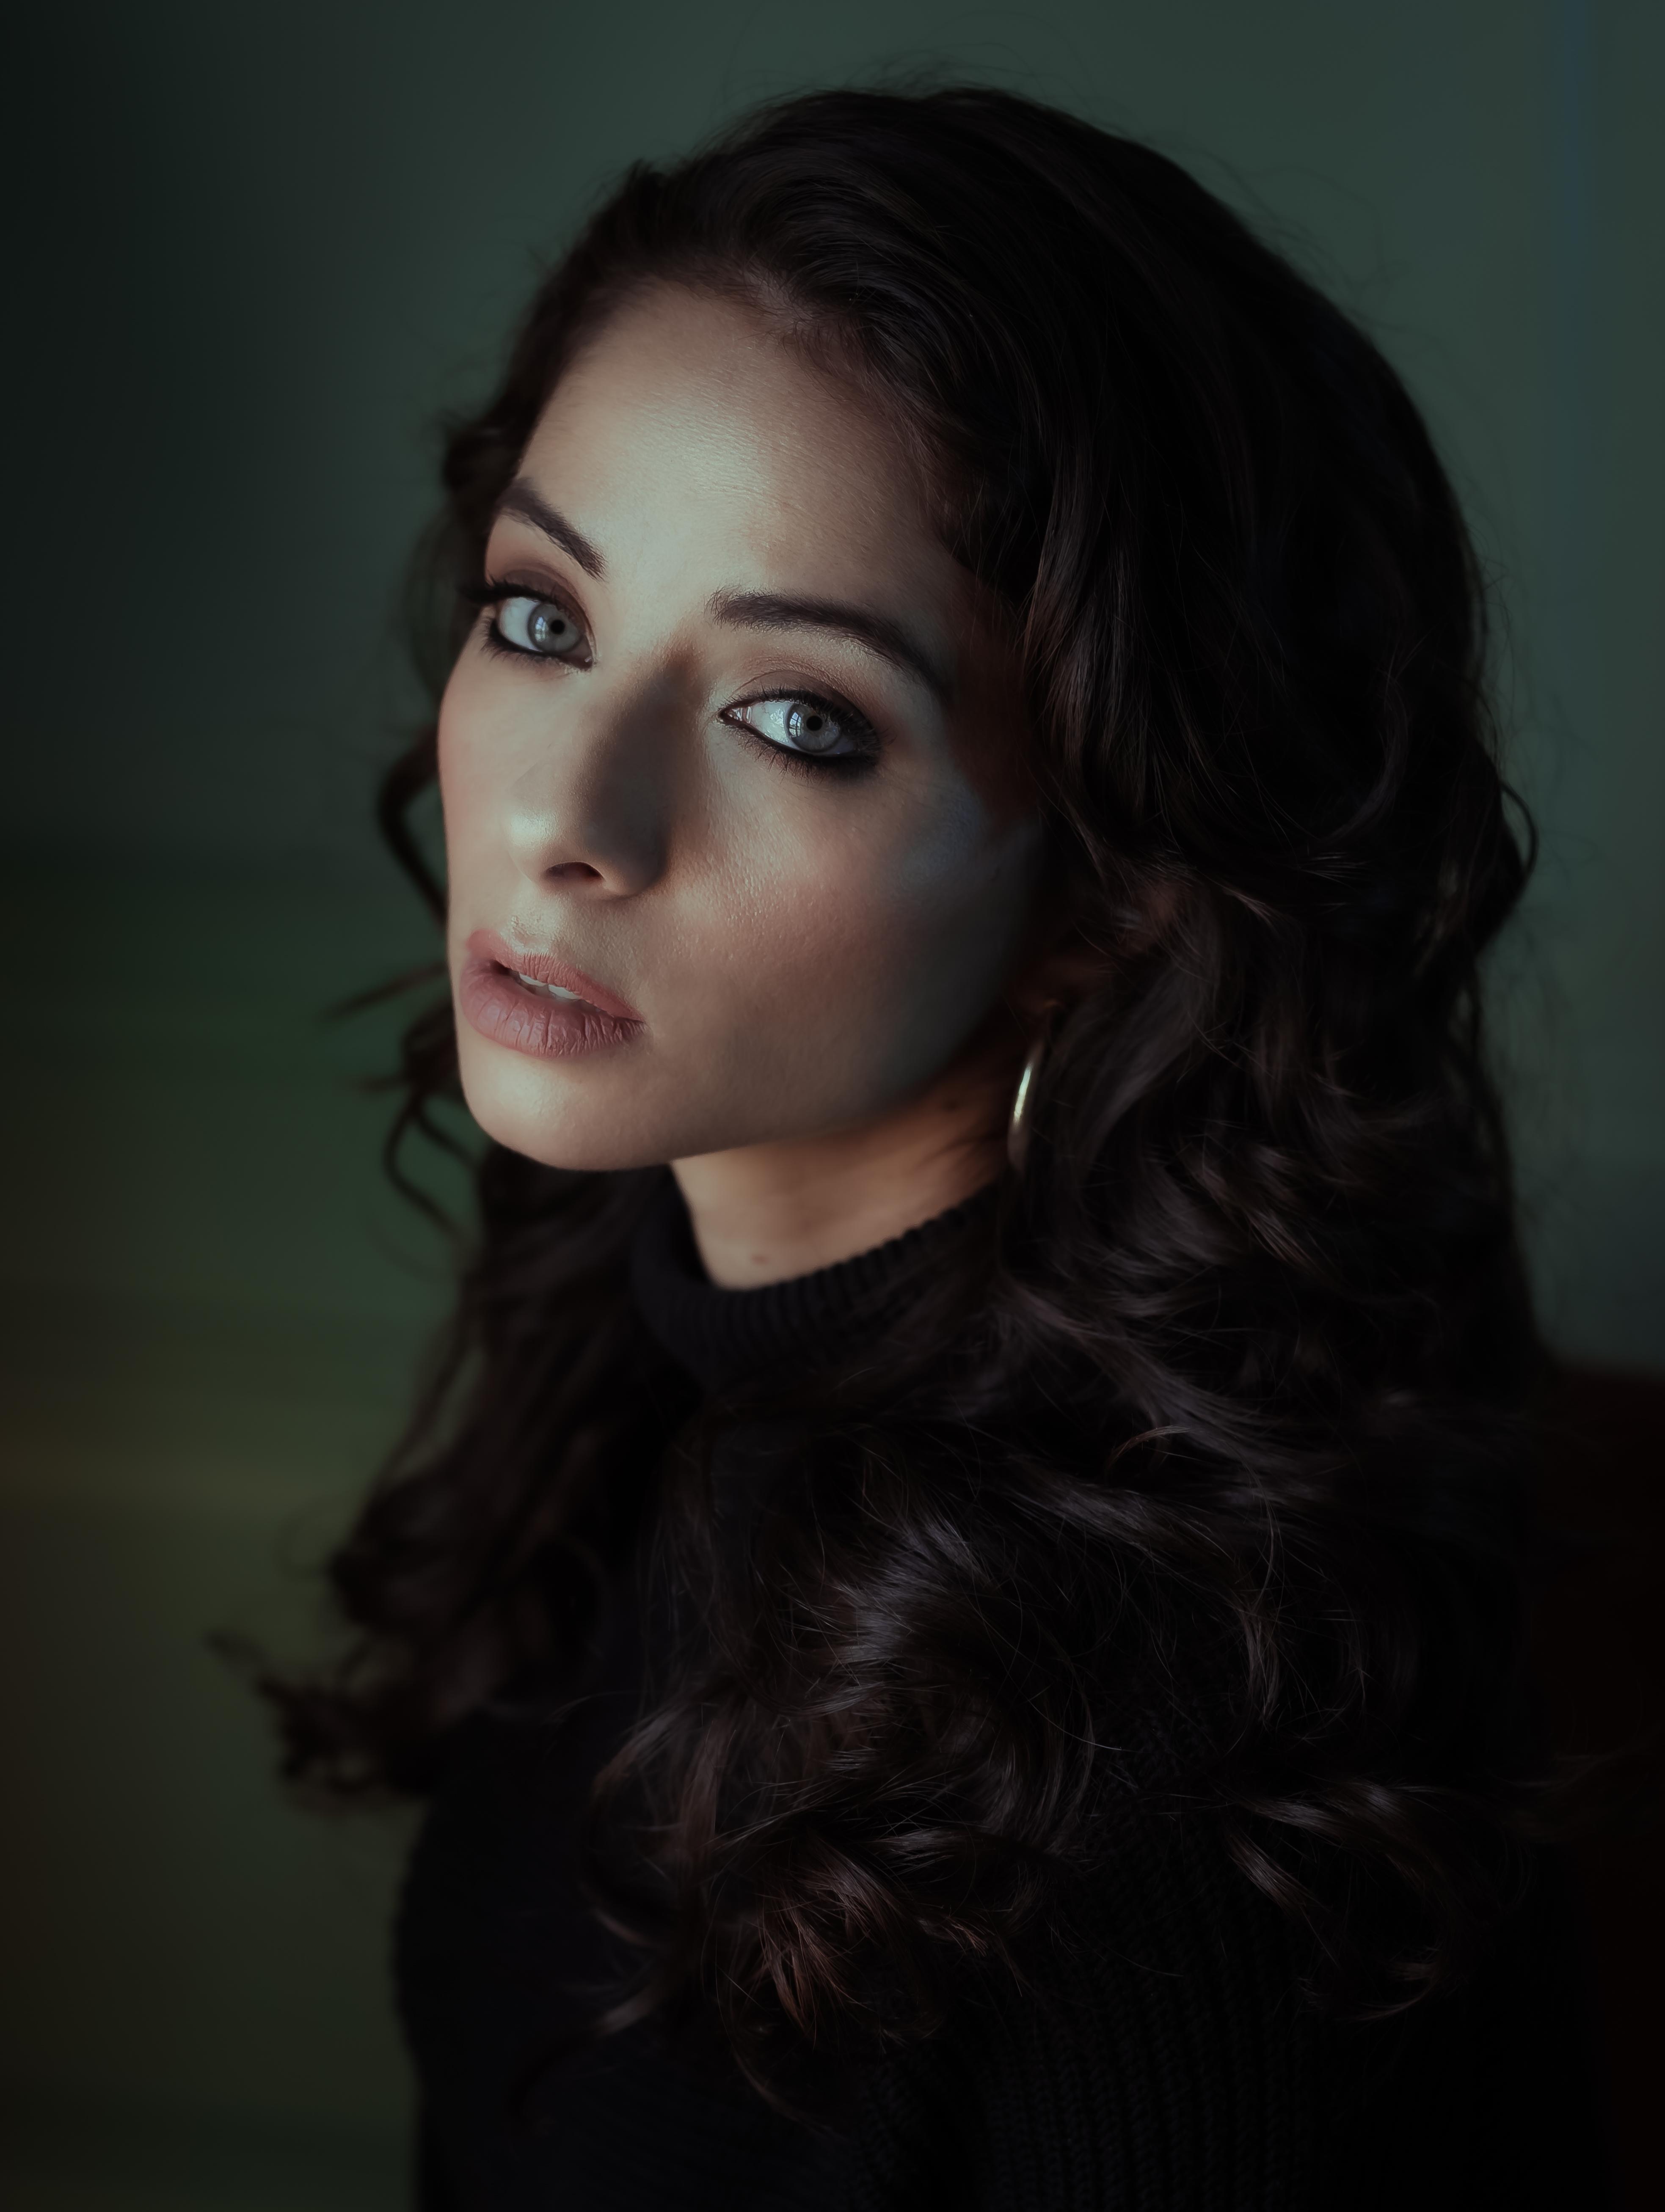 Model: Miki Kraviz